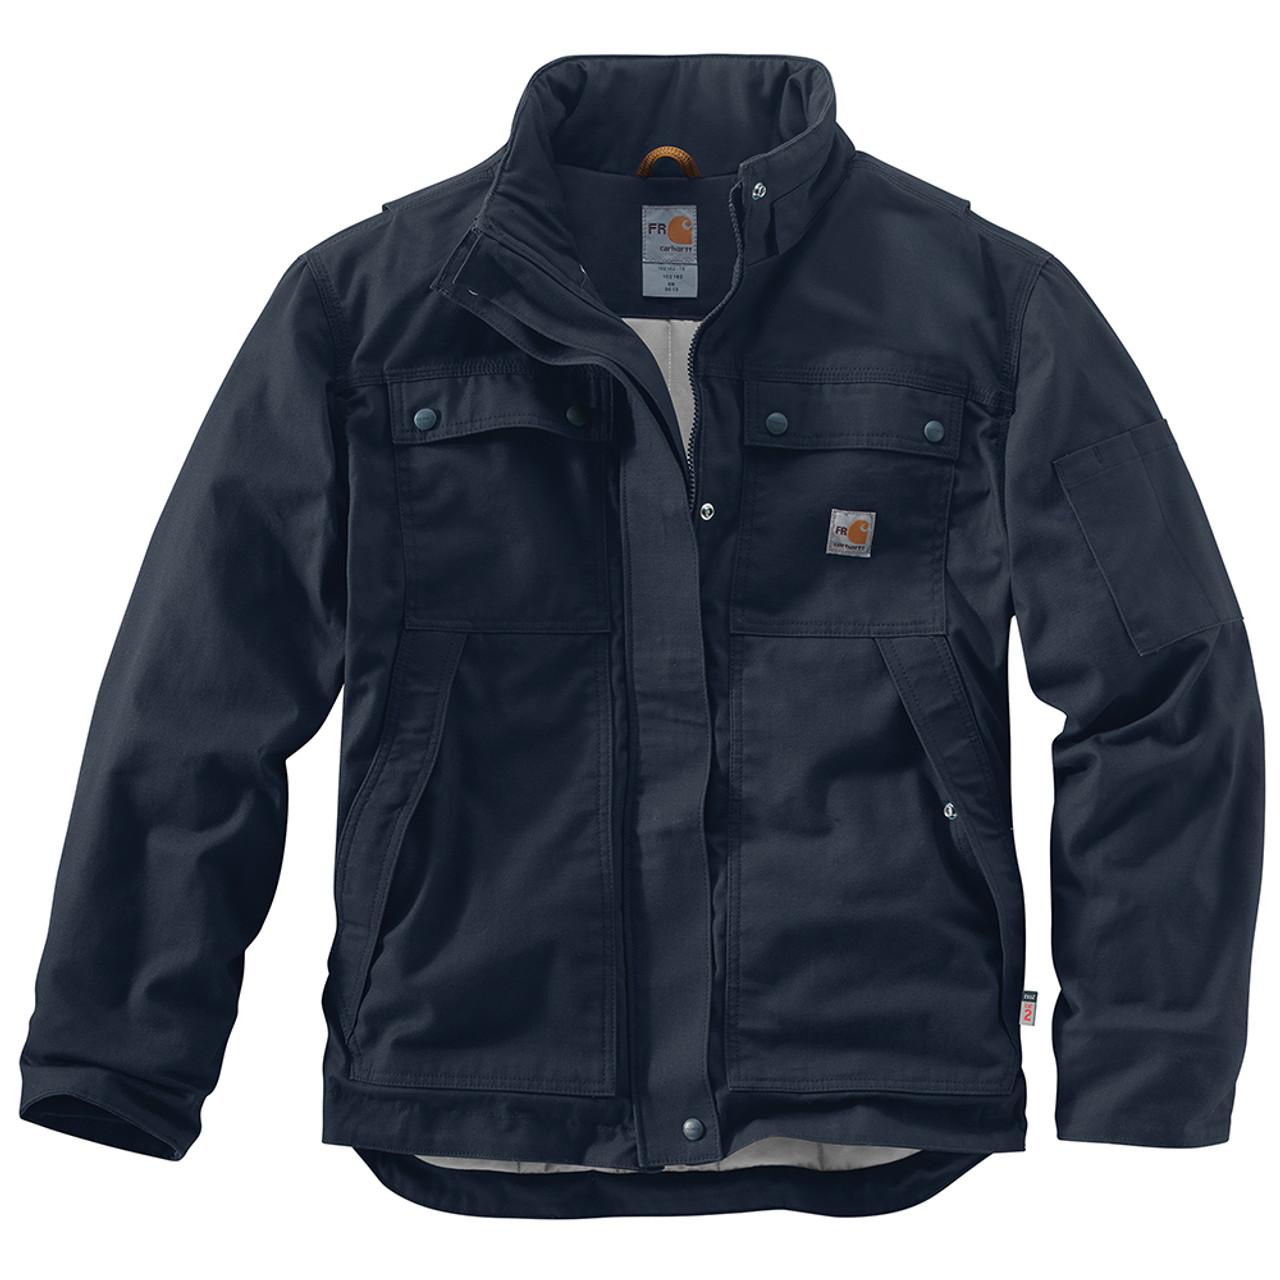 8969c52b5aa4 102182 Men s Flame Resistant Full Swing Quick Duck Coat